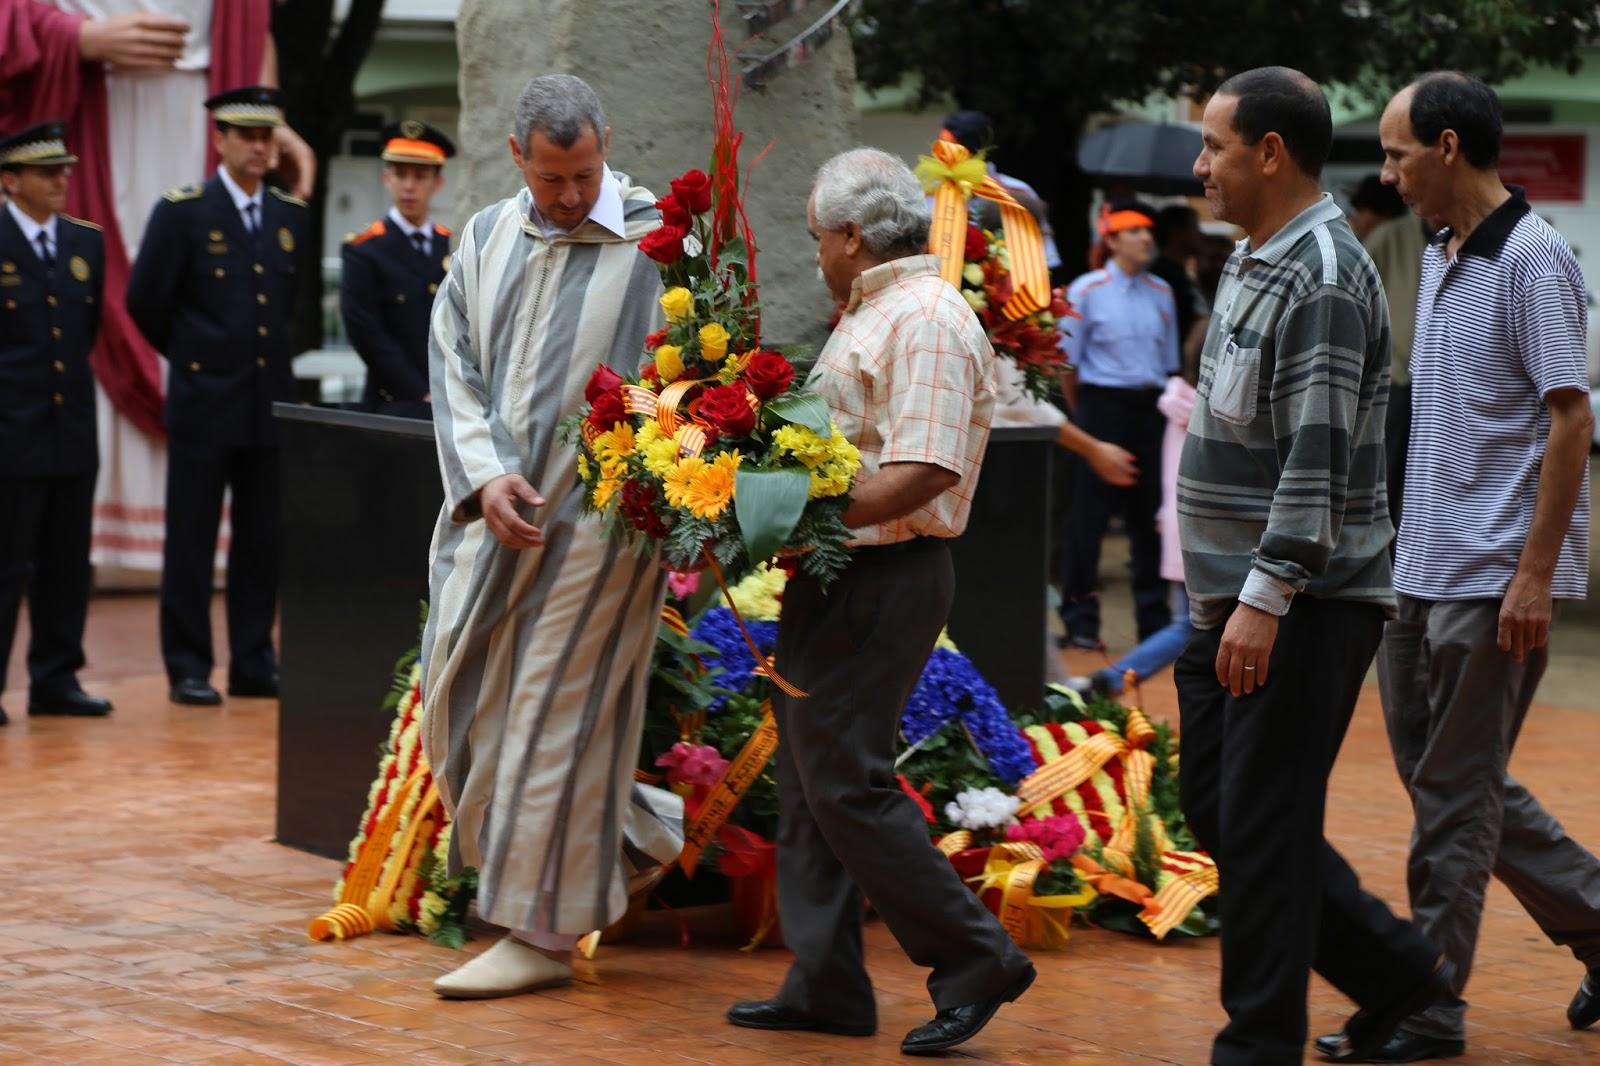 الجمعية الإسلامية في مونتميلو تشارك في إحتفال اليوم الوطني لكاطالونيا